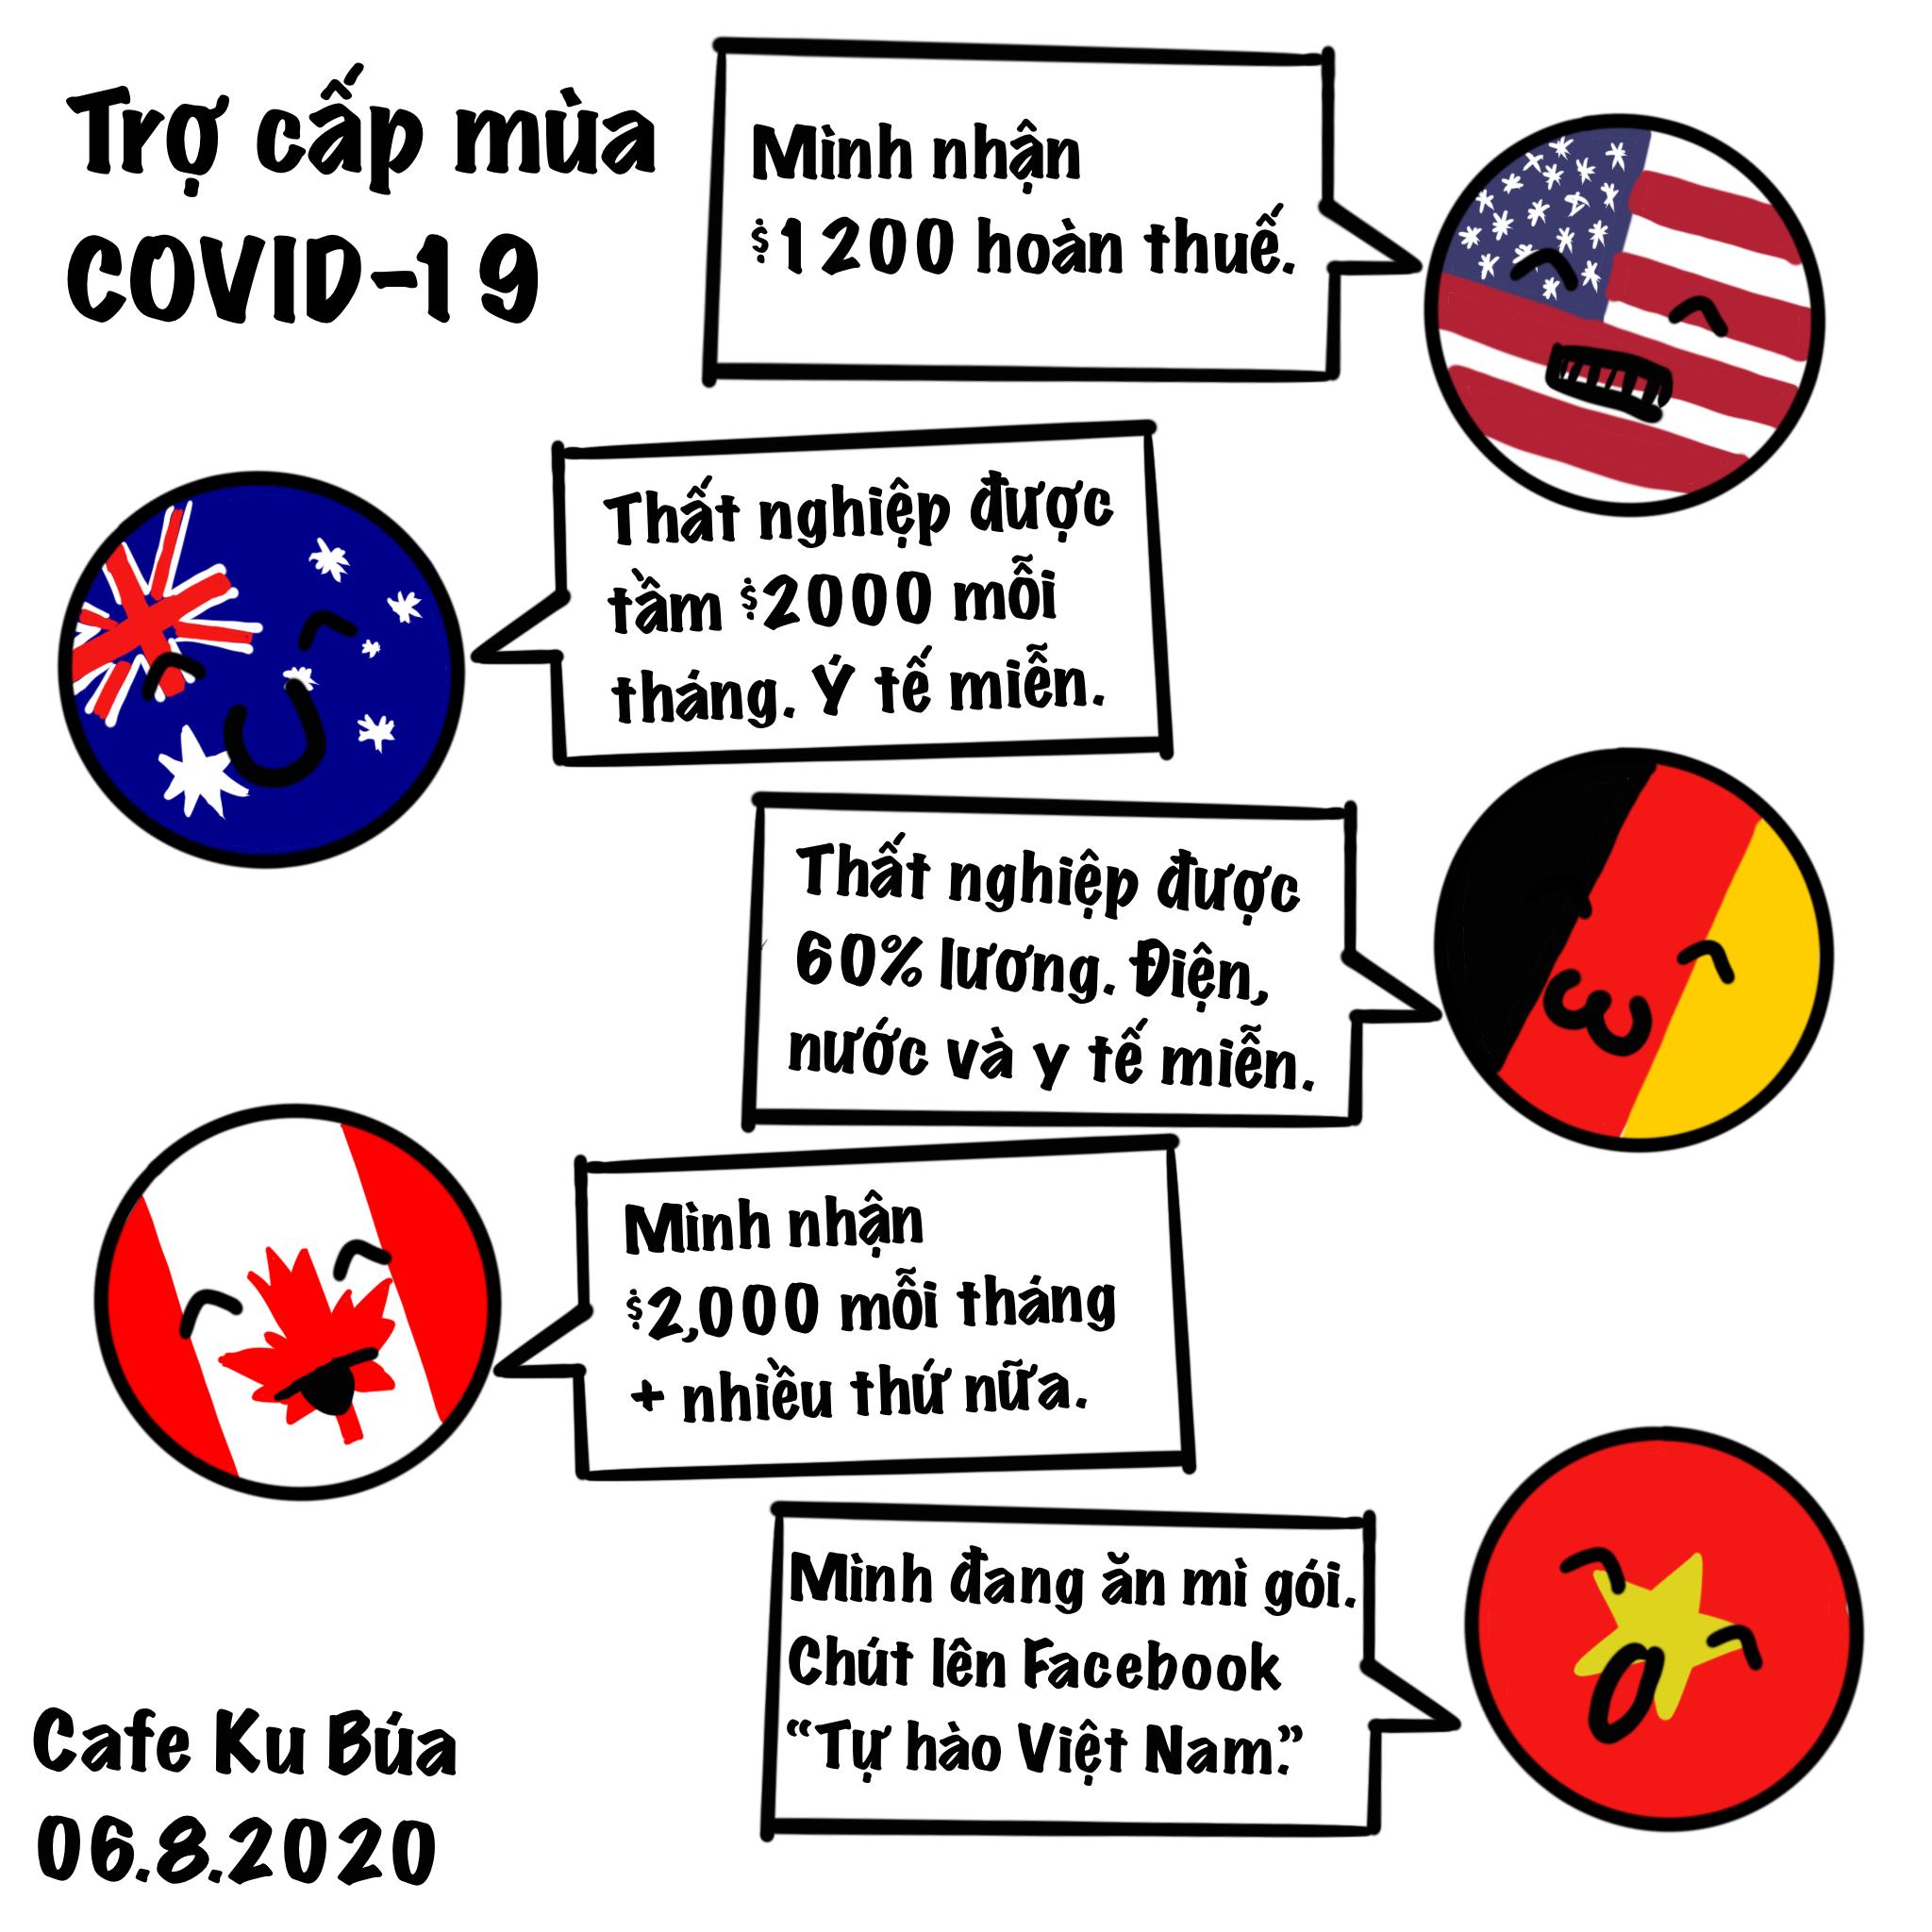 CHUYỆN TRỢ CẤP MÙA COVID-19